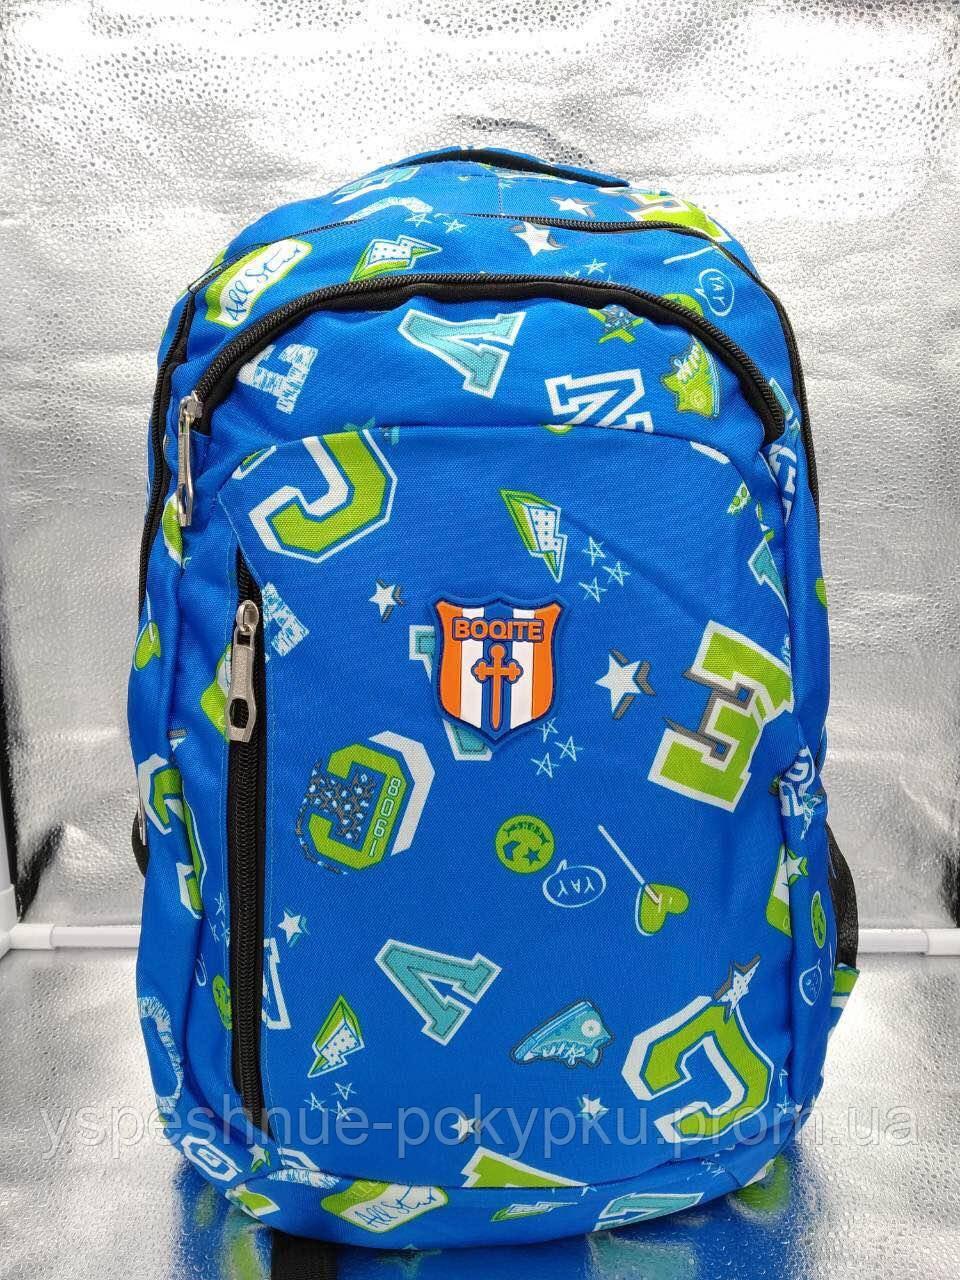 Рюкзак школьный, спортивный